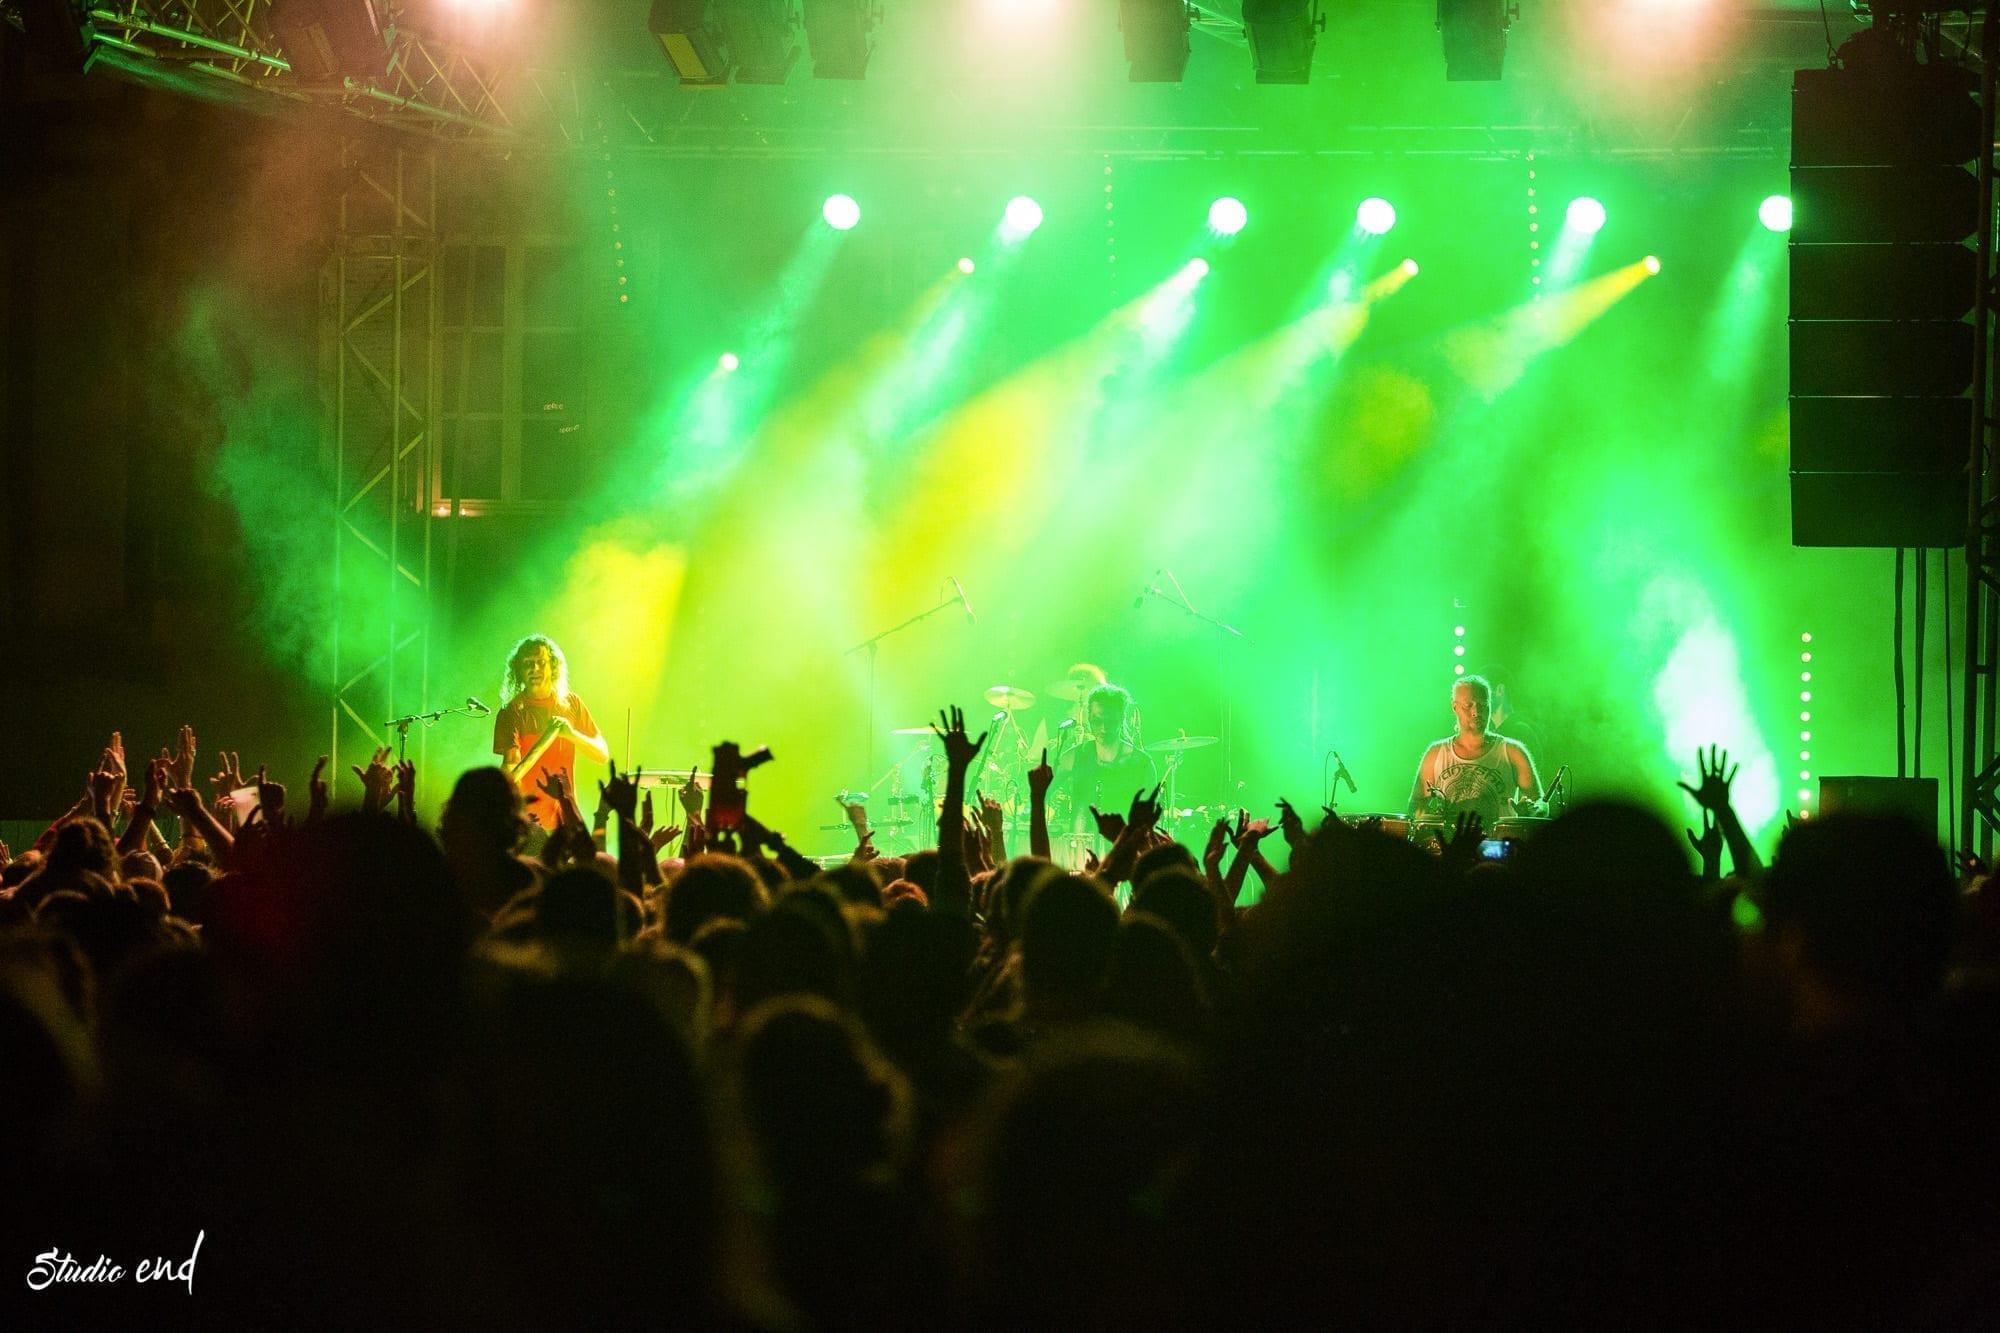 photo de reportage, festival Concert Hilight Tribe durant la Fête de la Lumière à Sauveterre de Rouergue